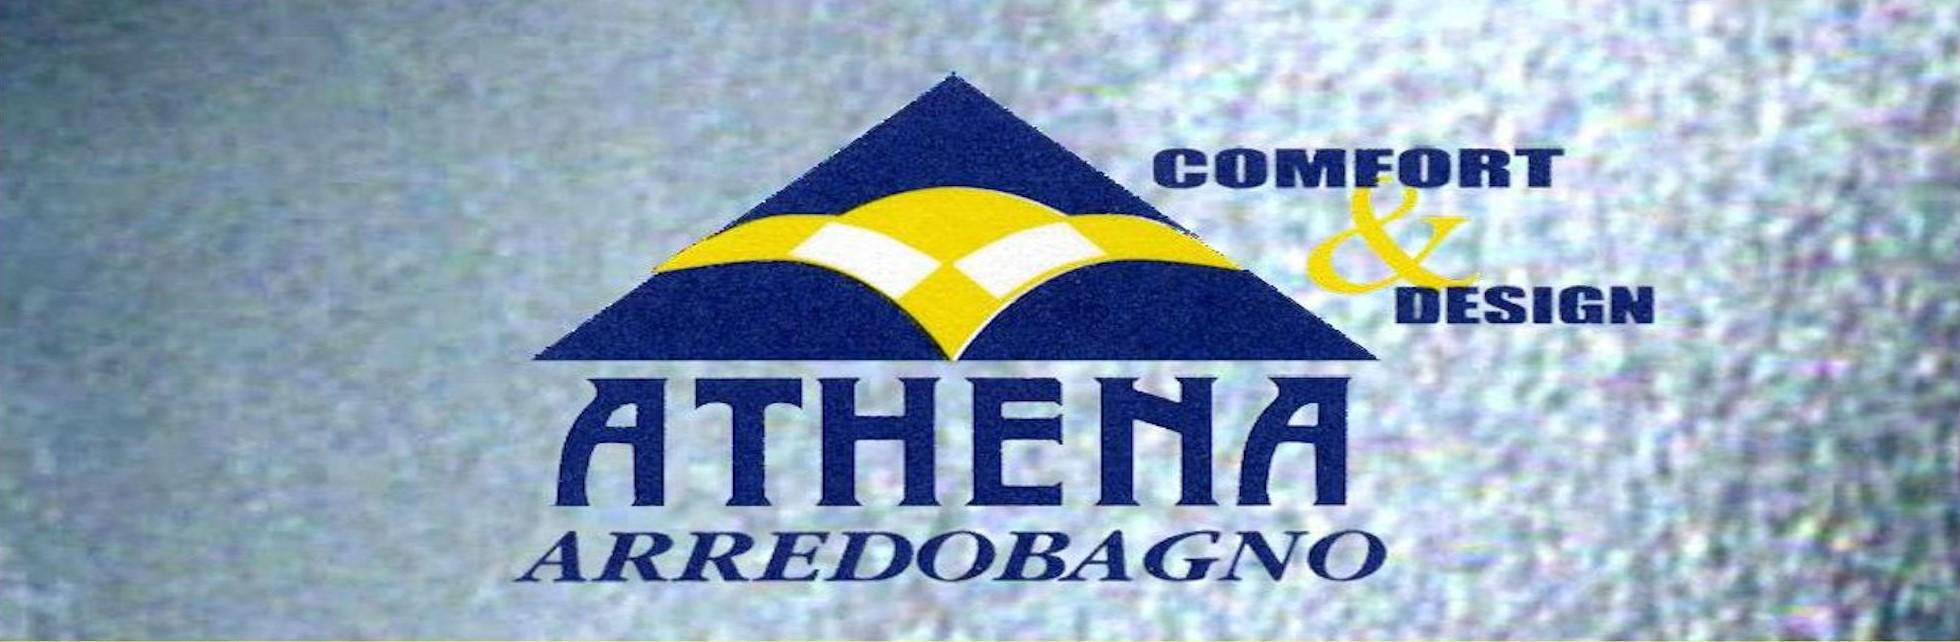 Athena Arredo Bagno Parma.Athena Home